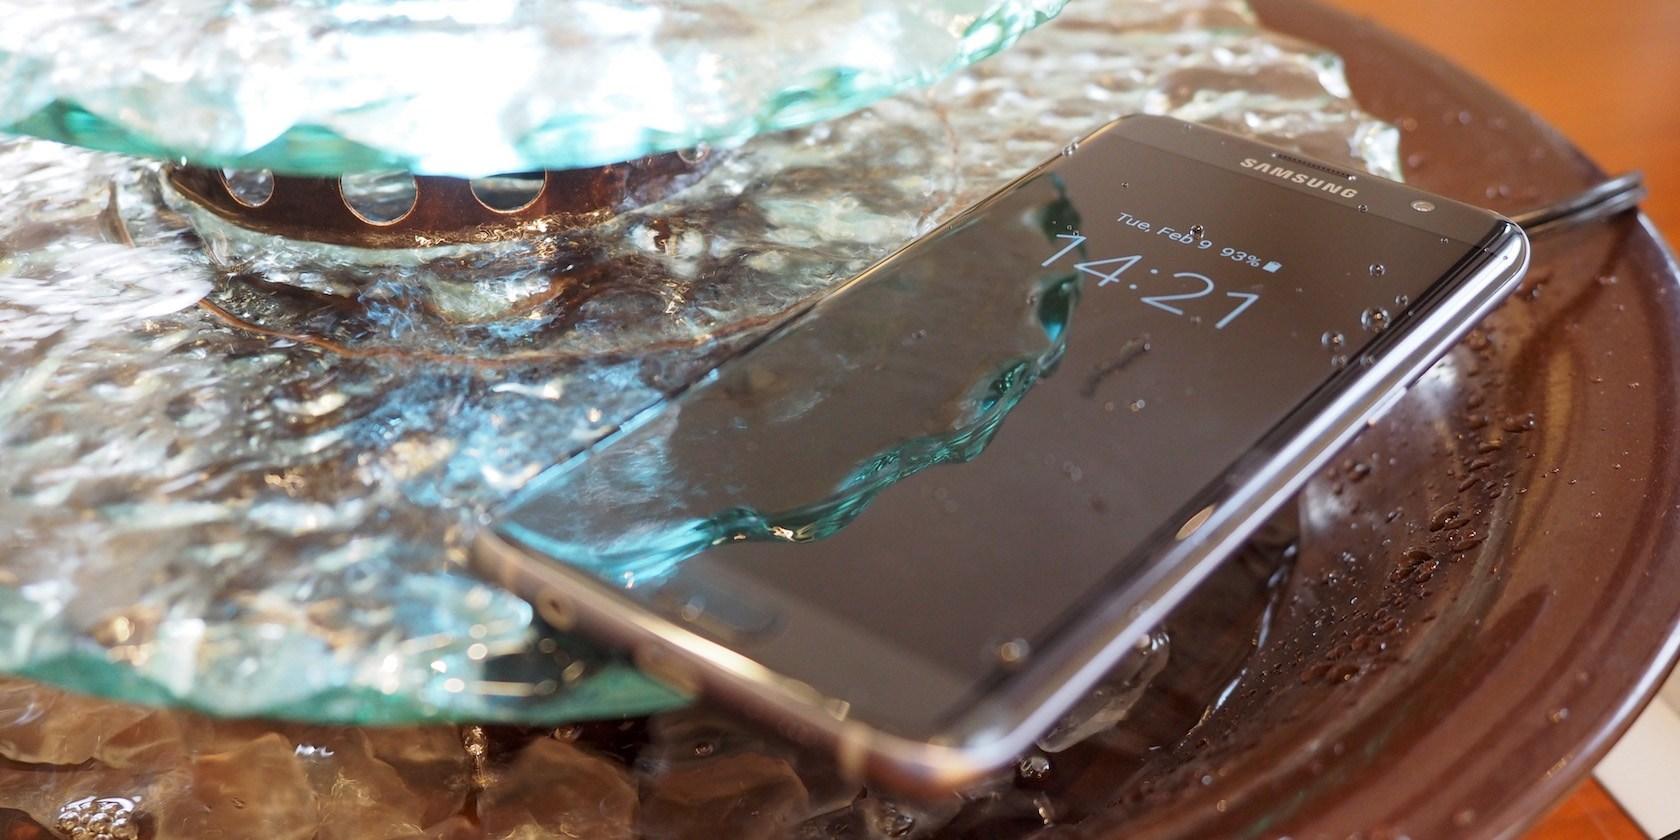 اختبار مقاومة الماء على هاتف جلاكسي اس Galaxy S7